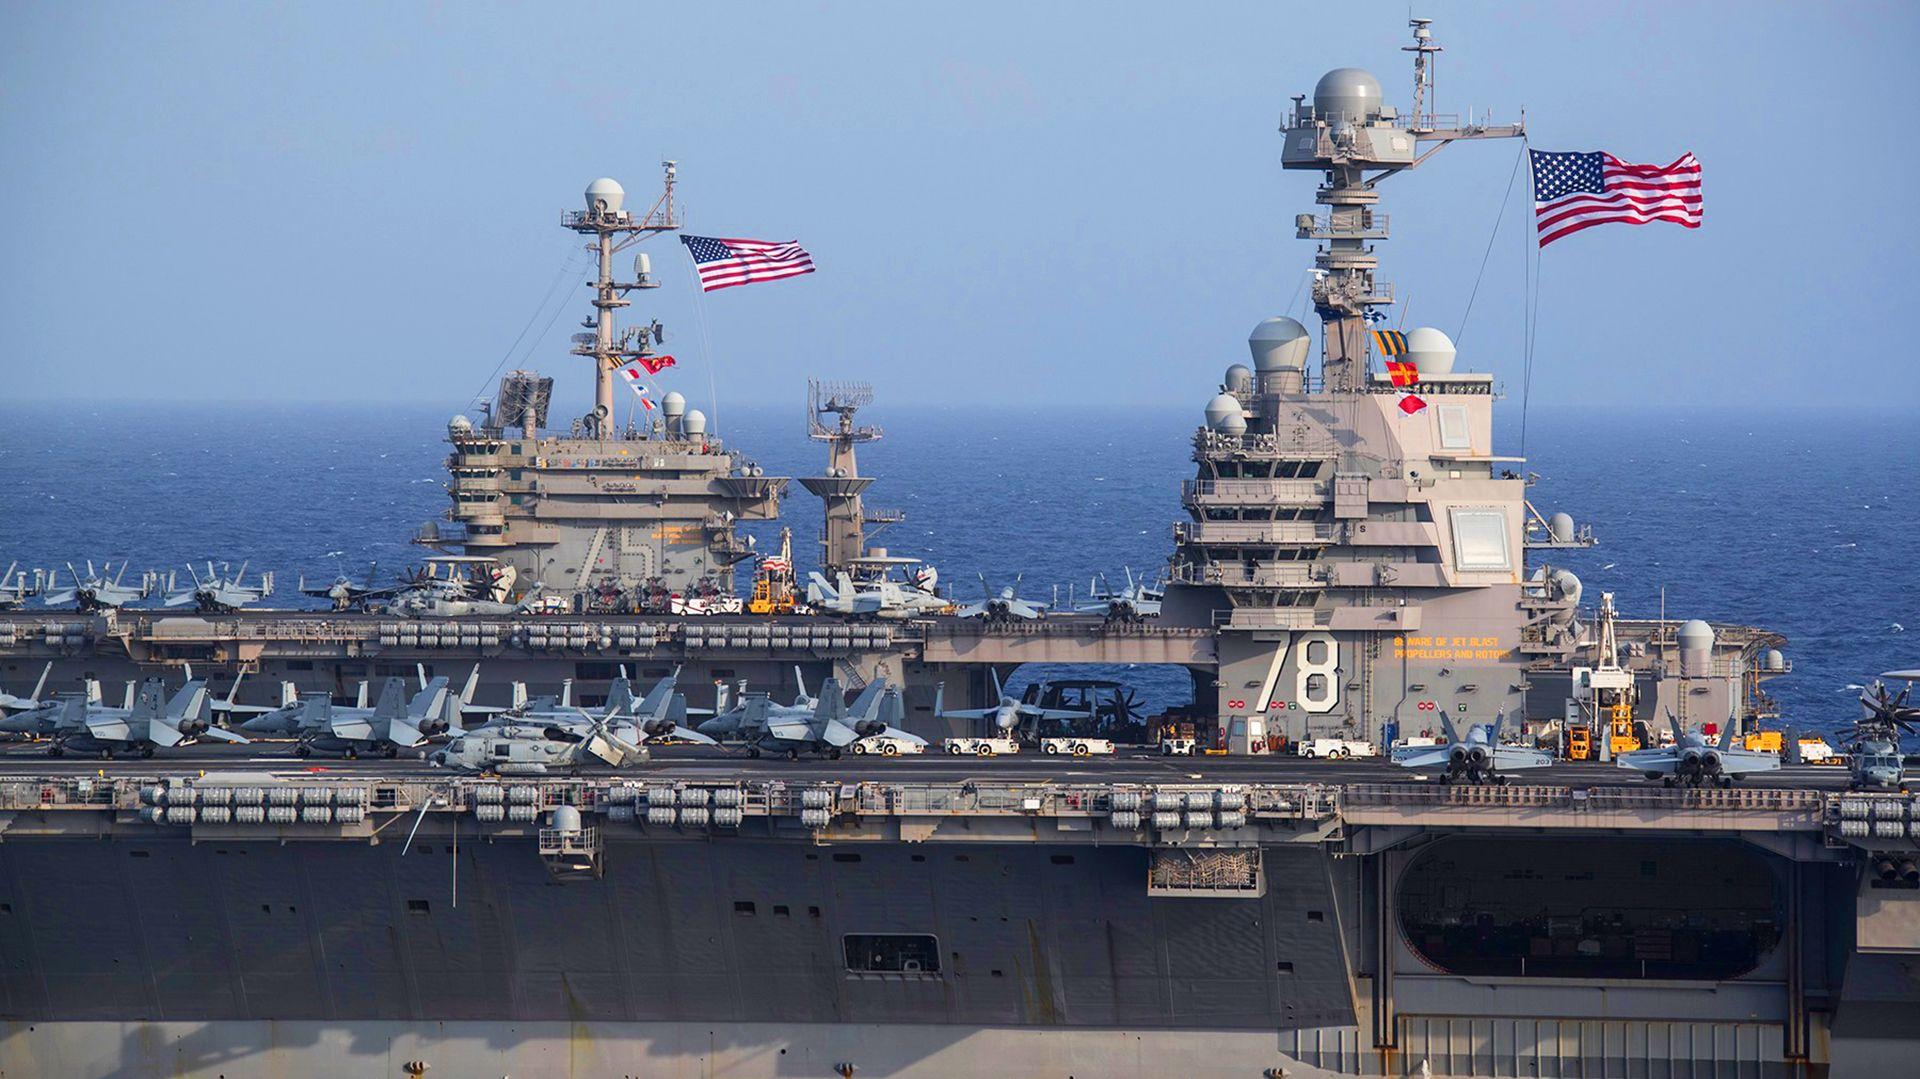 Pin On War Ship S